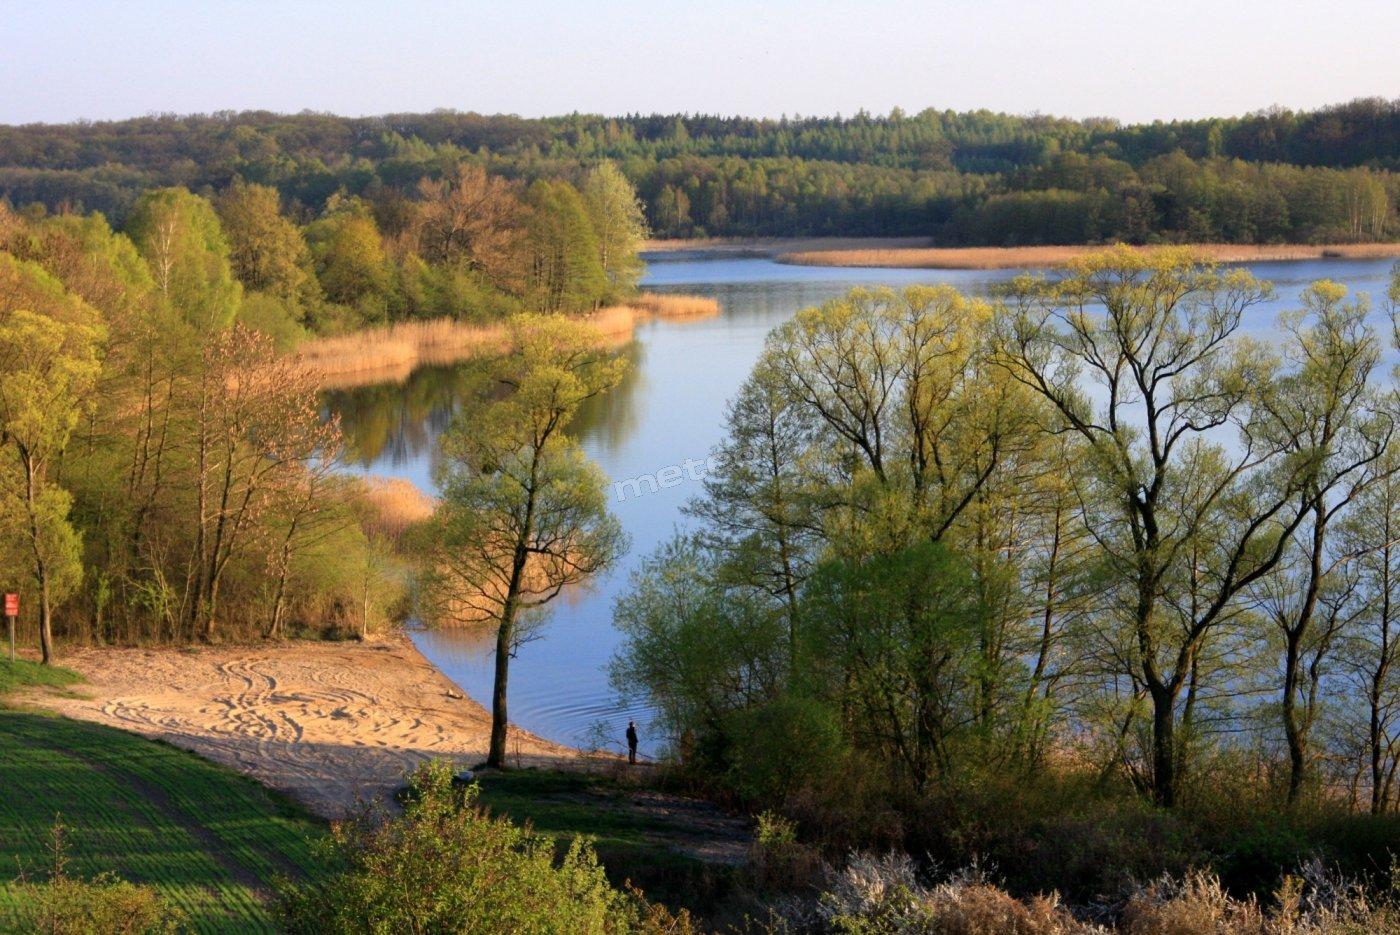 jezioro w pobliżu domu